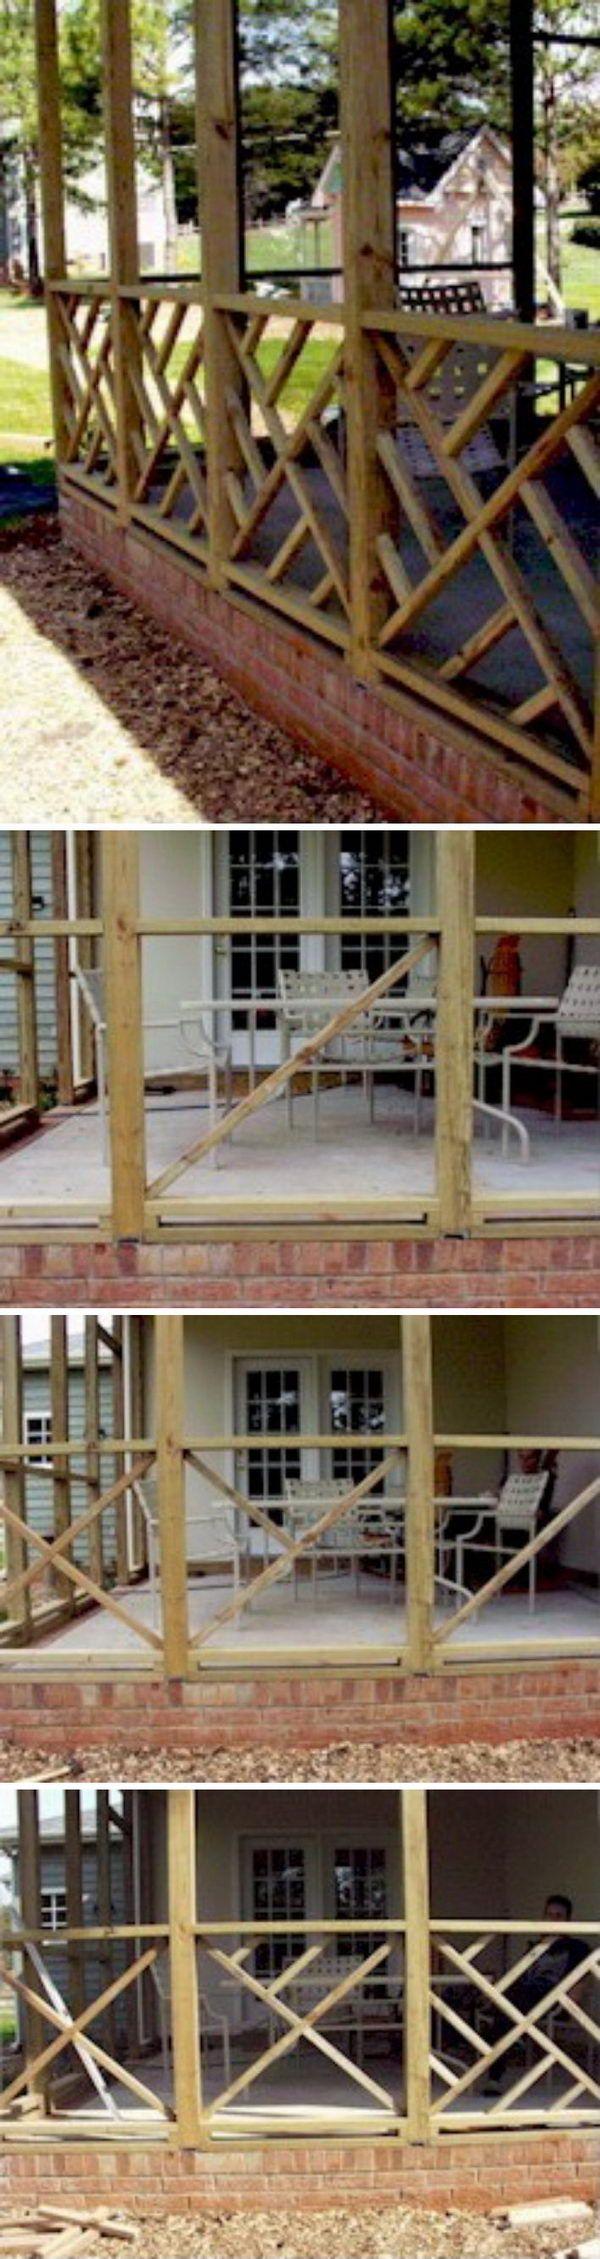 20 Diy Gelanderideen Deck Railings Diy Deck Deck Railing Design